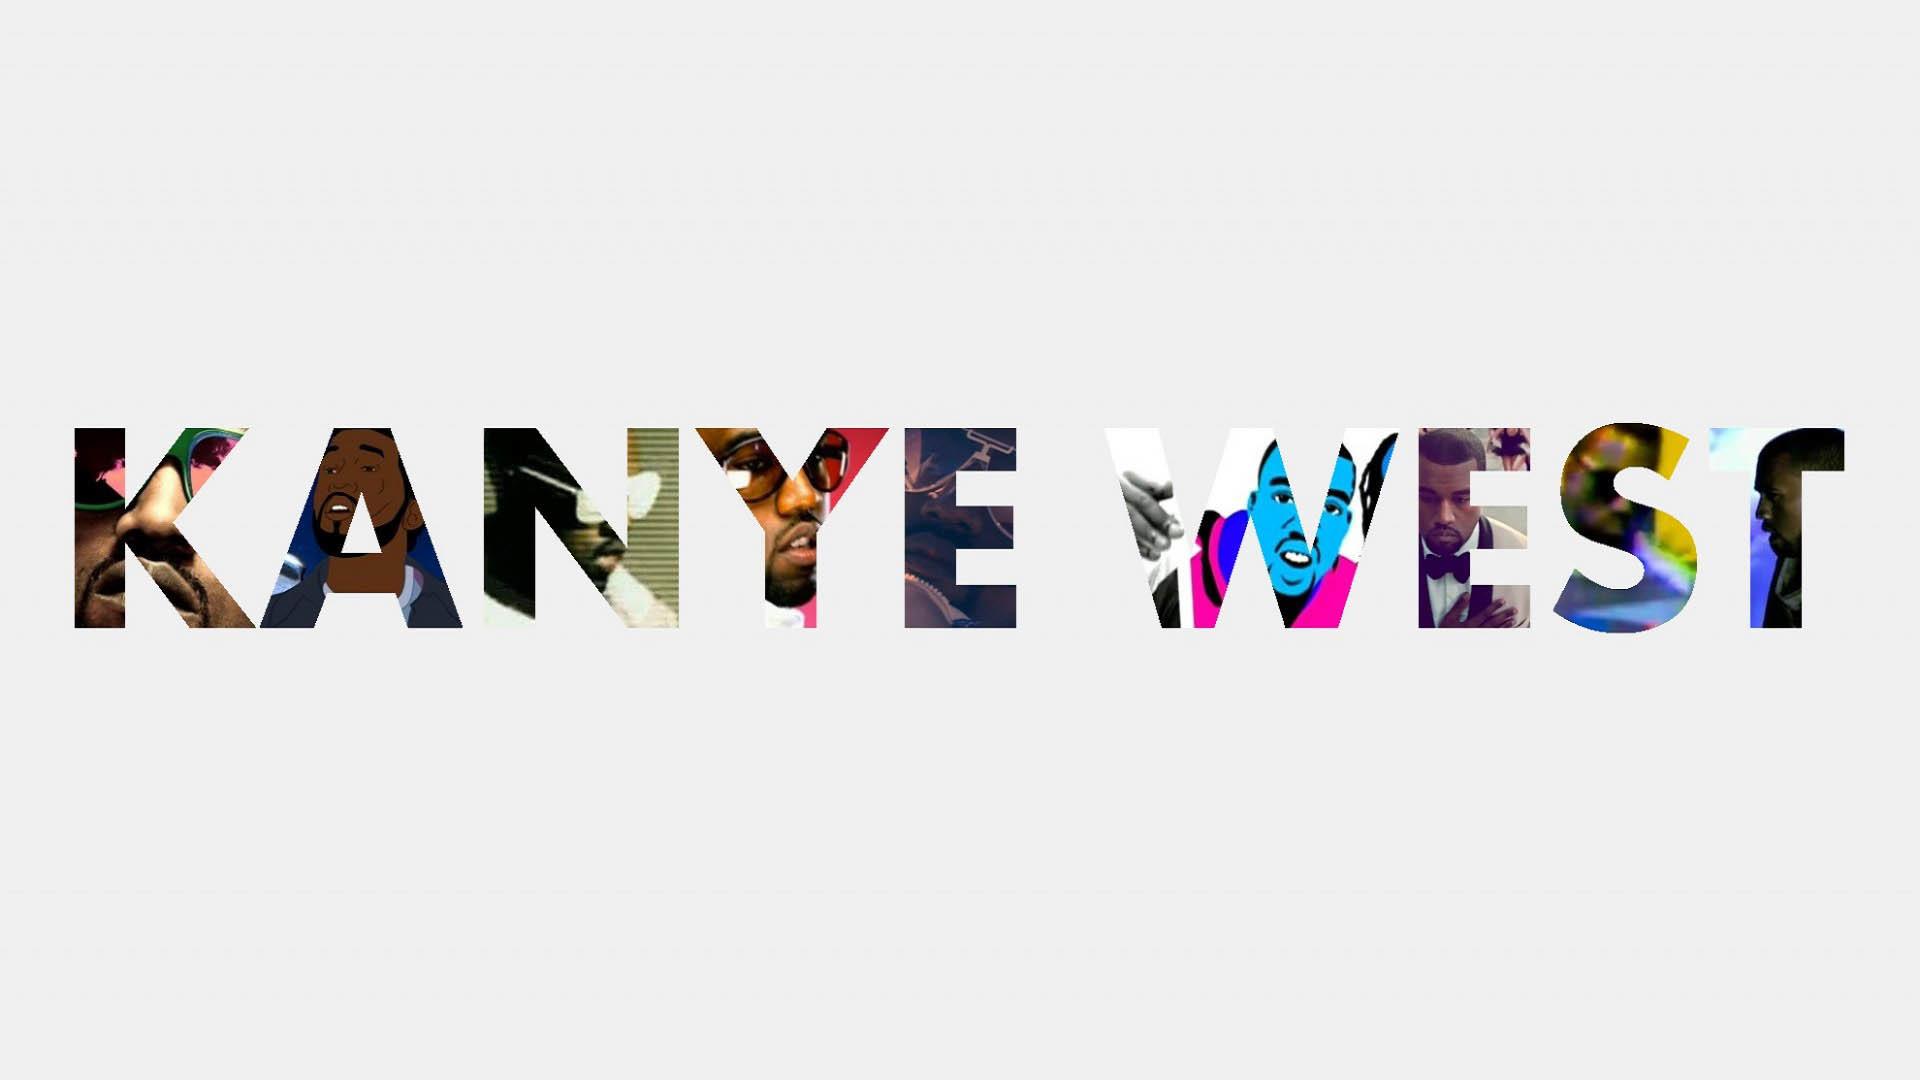 Kanye West Design wallpaper